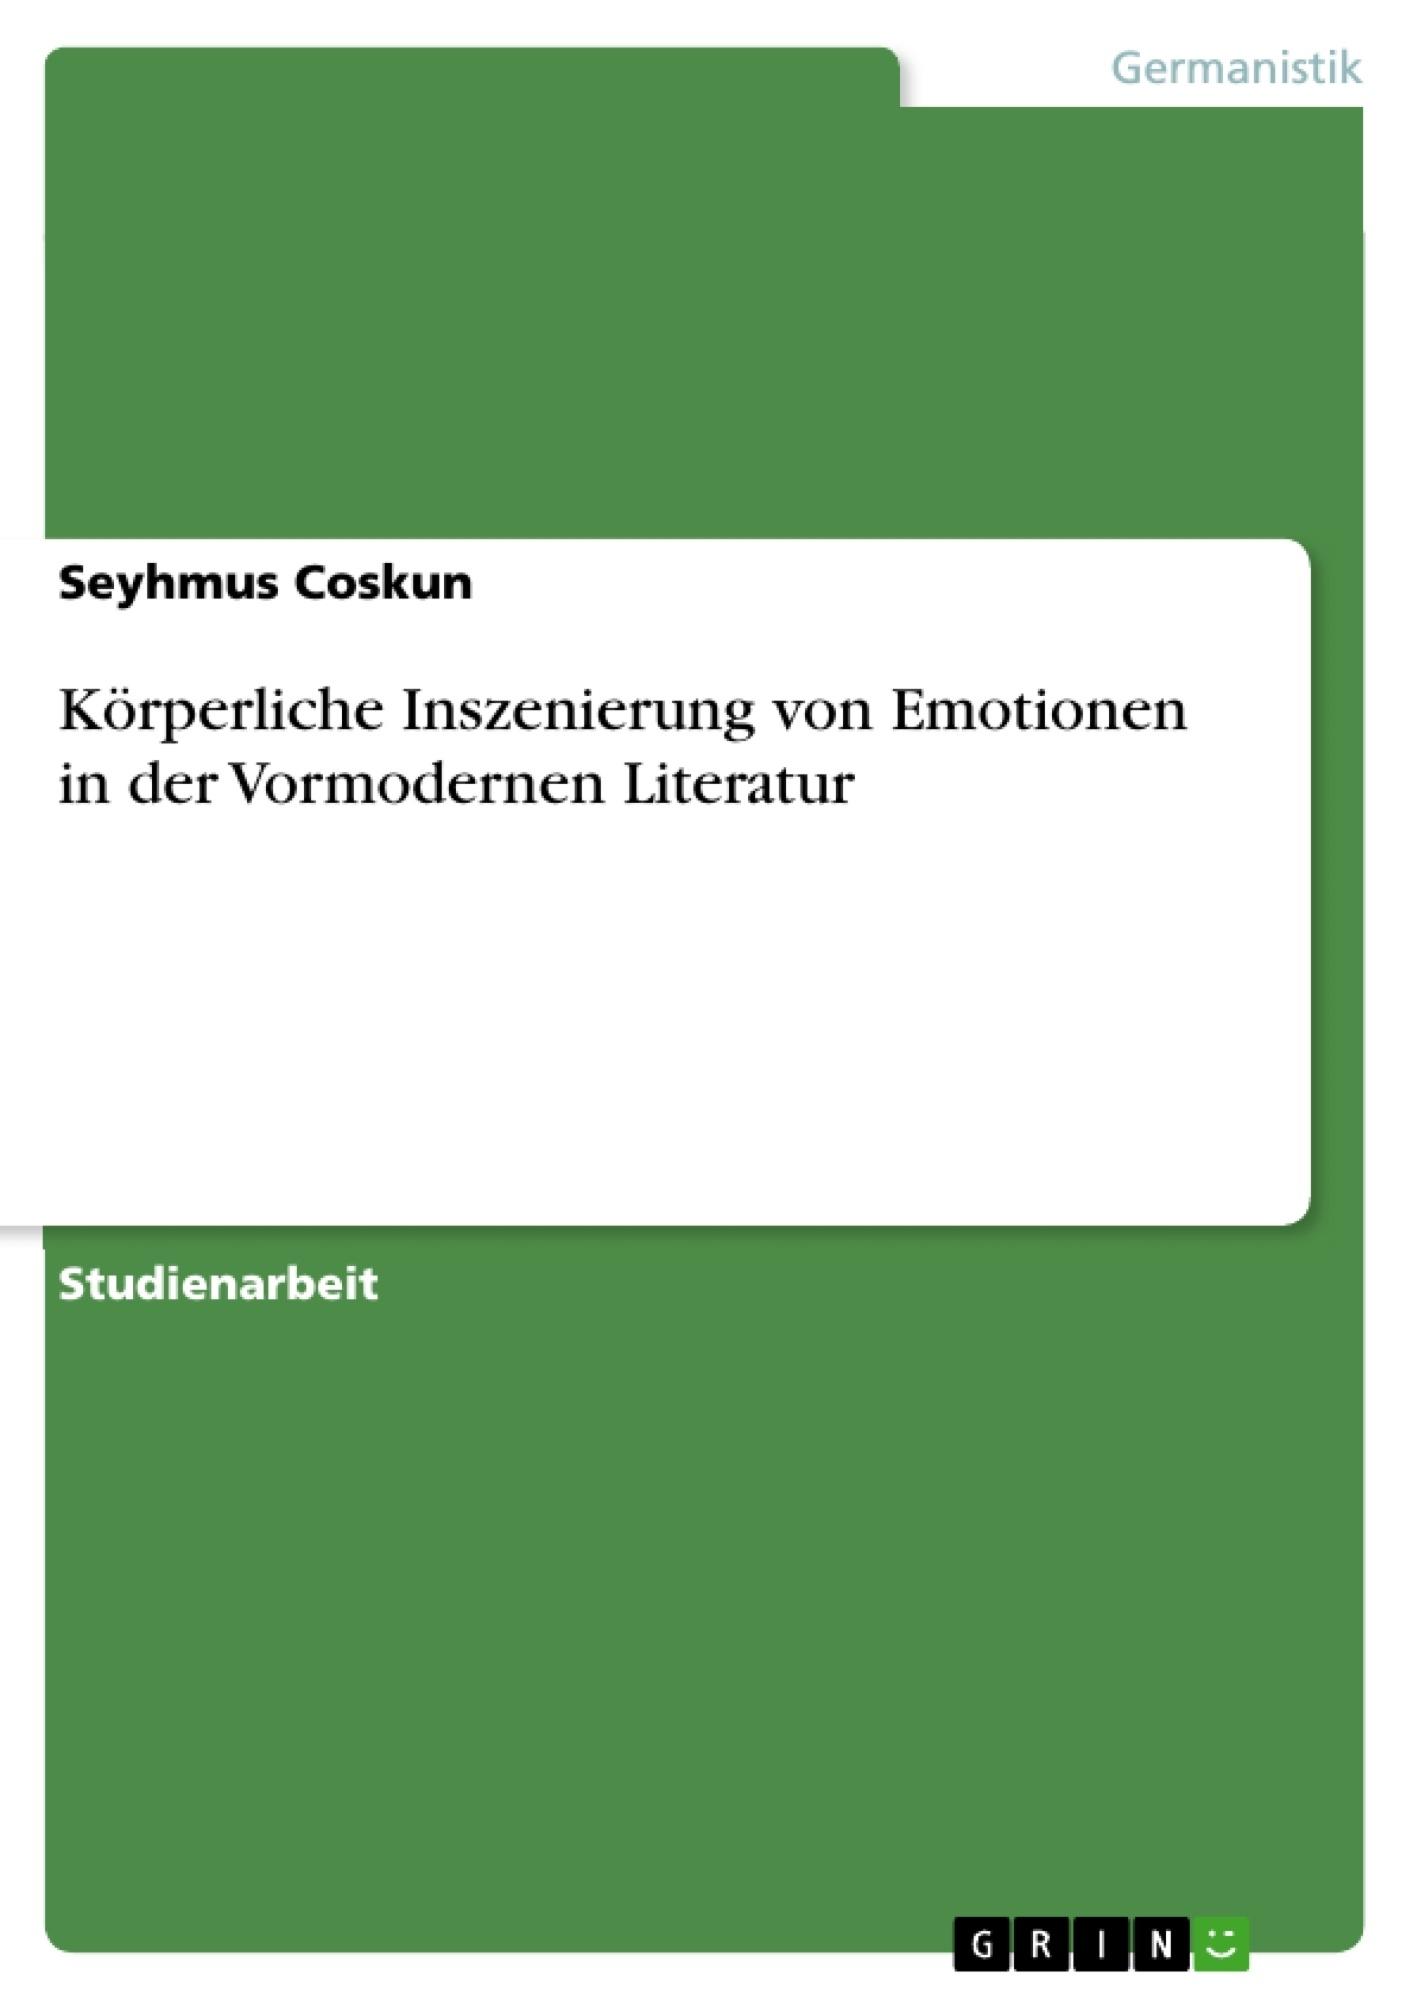 Titel: Körperliche Inszenierung von Emotionen in der Vormodernen Literatur